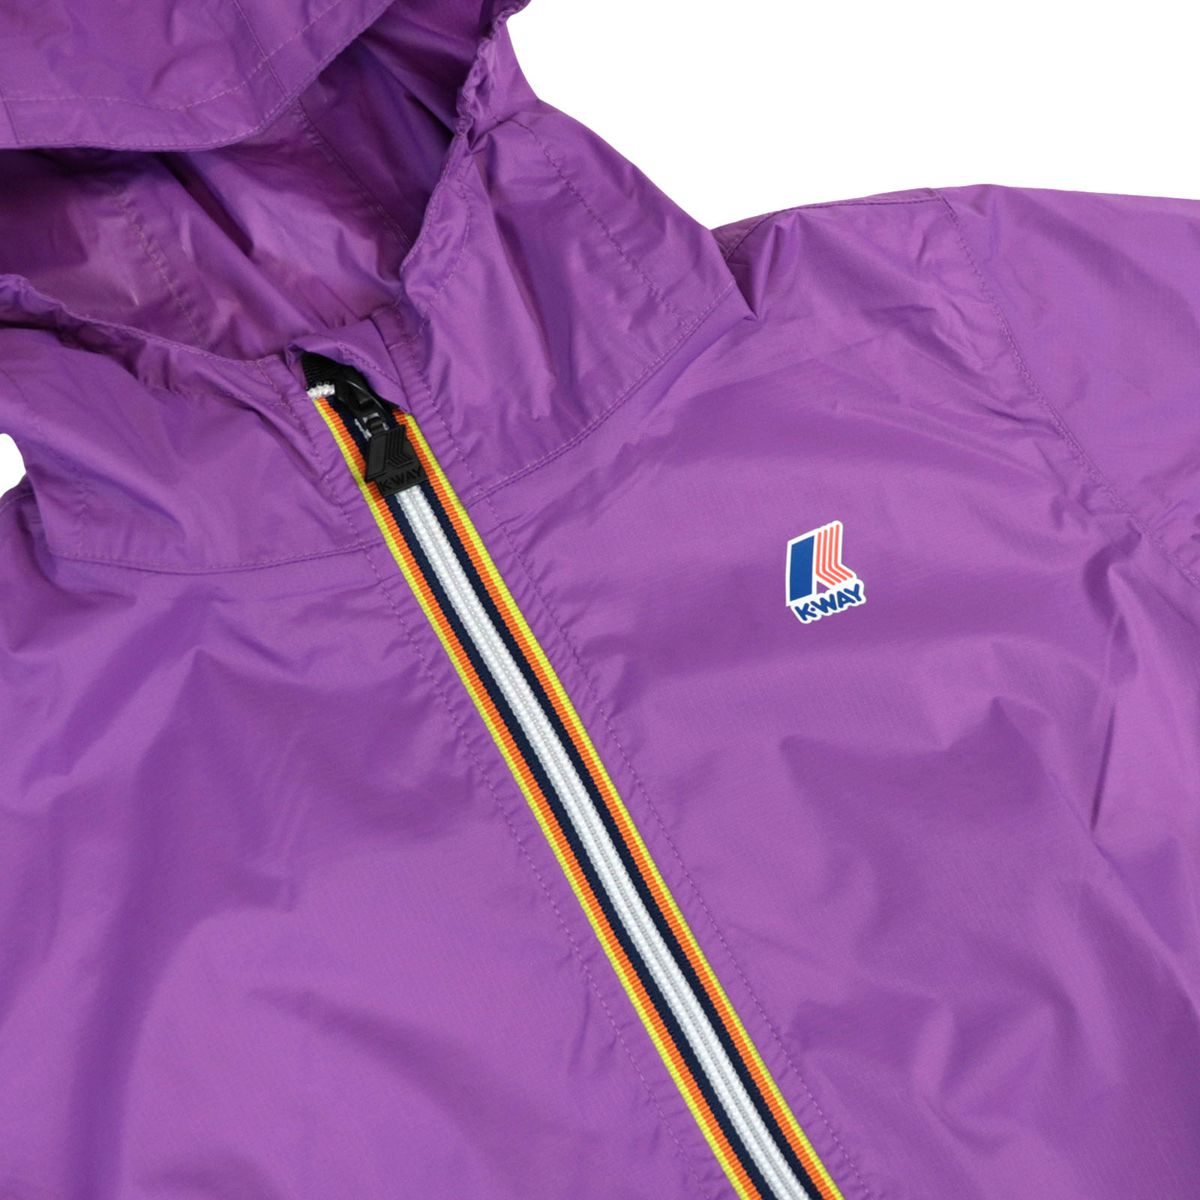 Le Vrai 3.0 Claudette nylon jacket with hood Violet K-Way